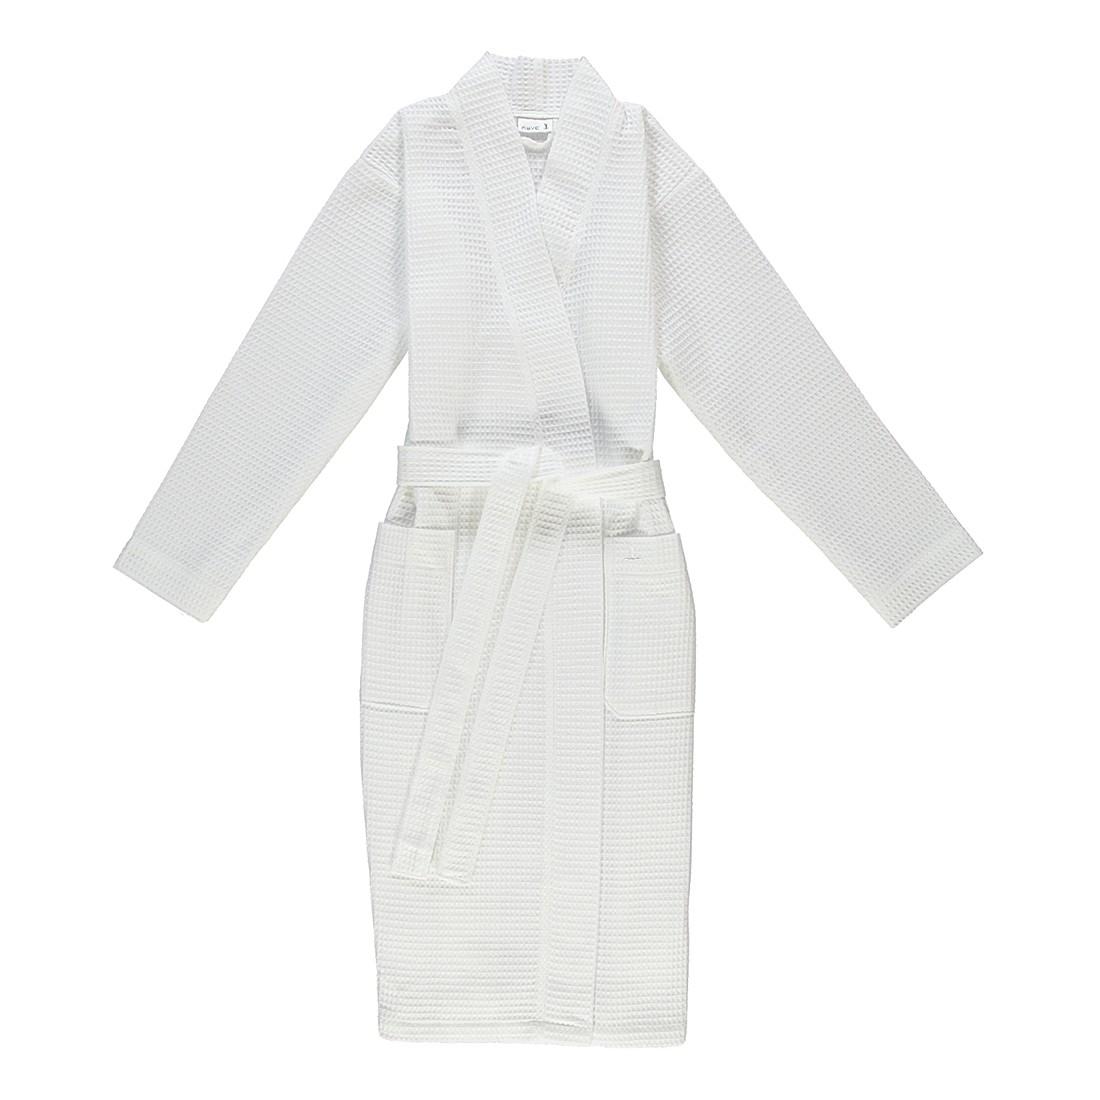 Bademantel unisex Pique Homewear – 100% Baumwolle snow – 001 – Größe: L, Möve online bestellen